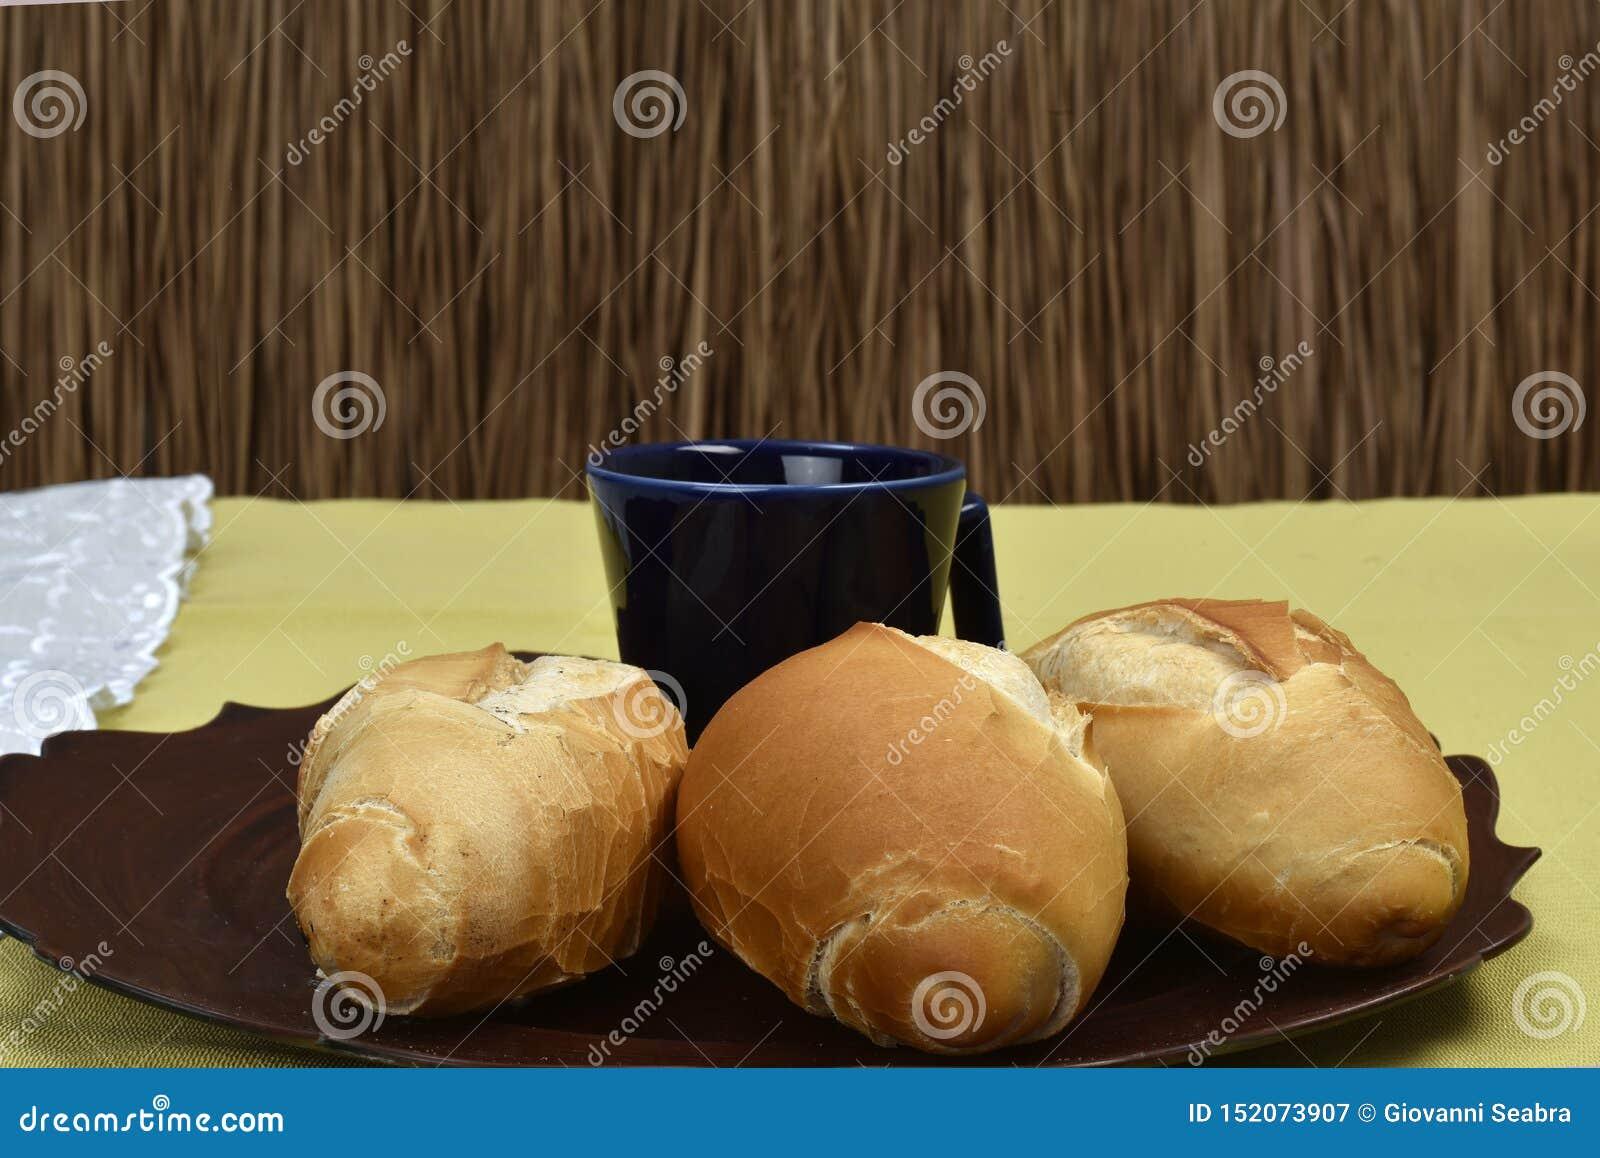 在板材的法式面包有黑杯子的在背景中